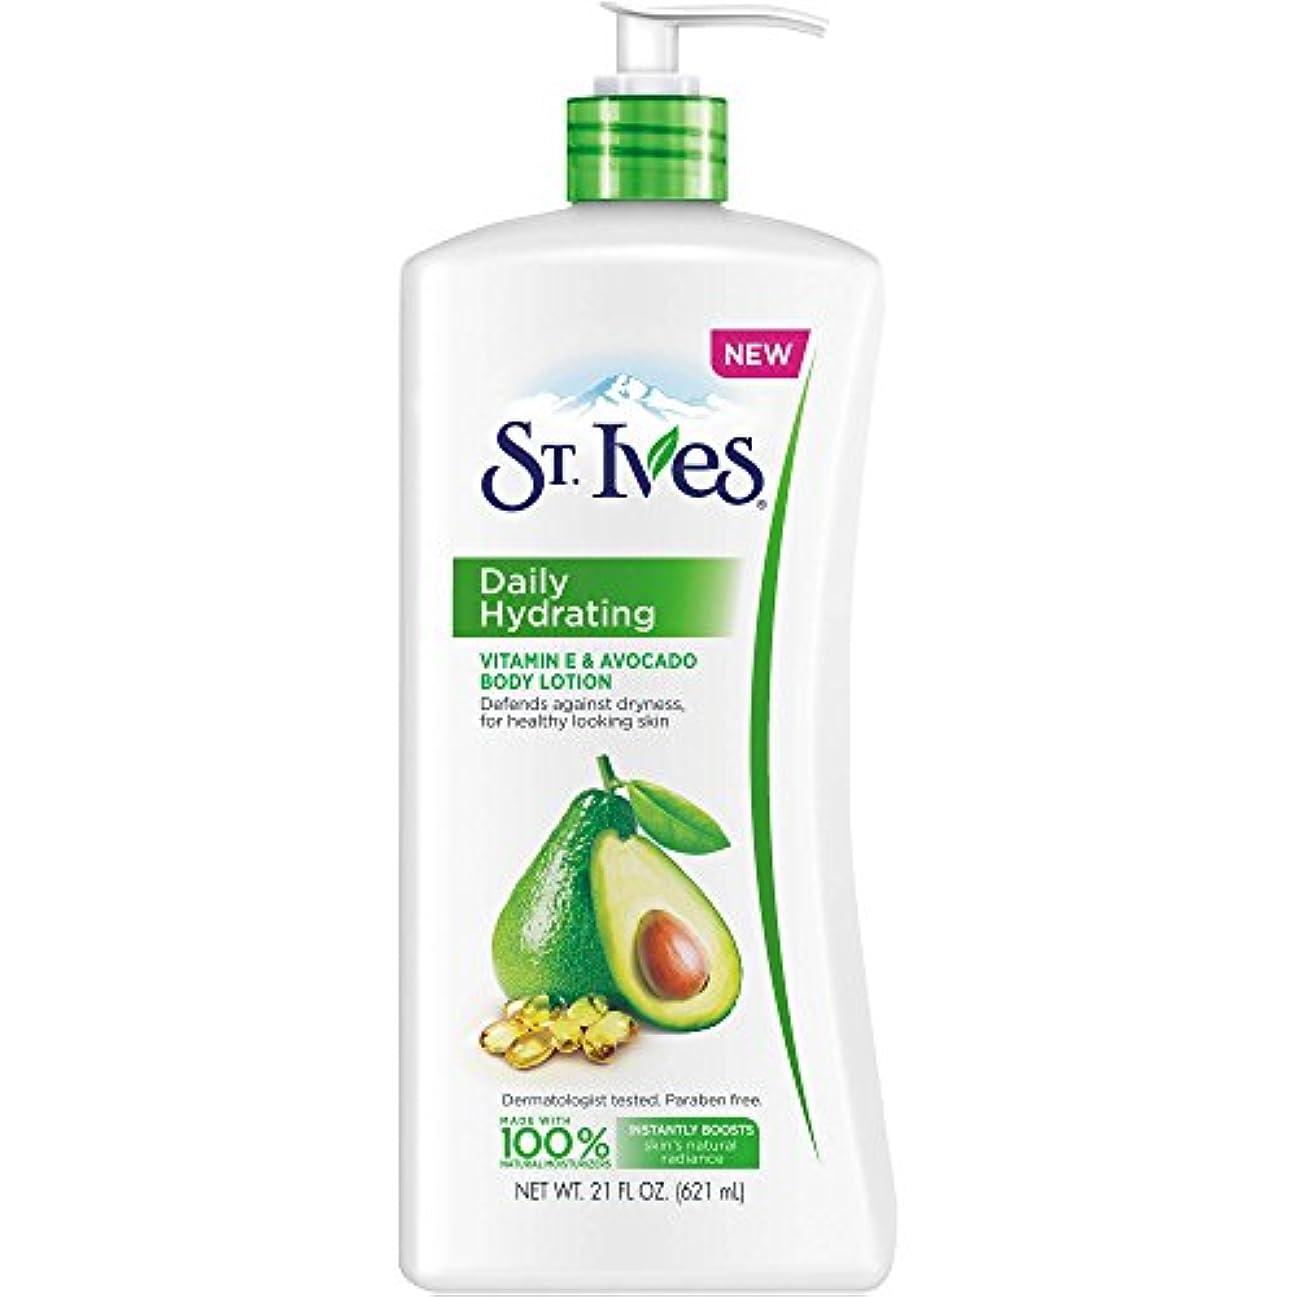 ゴミ箱を空にするスペイン強大なSt. Ives Daily Hydrating Vitamin E and Avocado Body Lotion [並行輸入品]